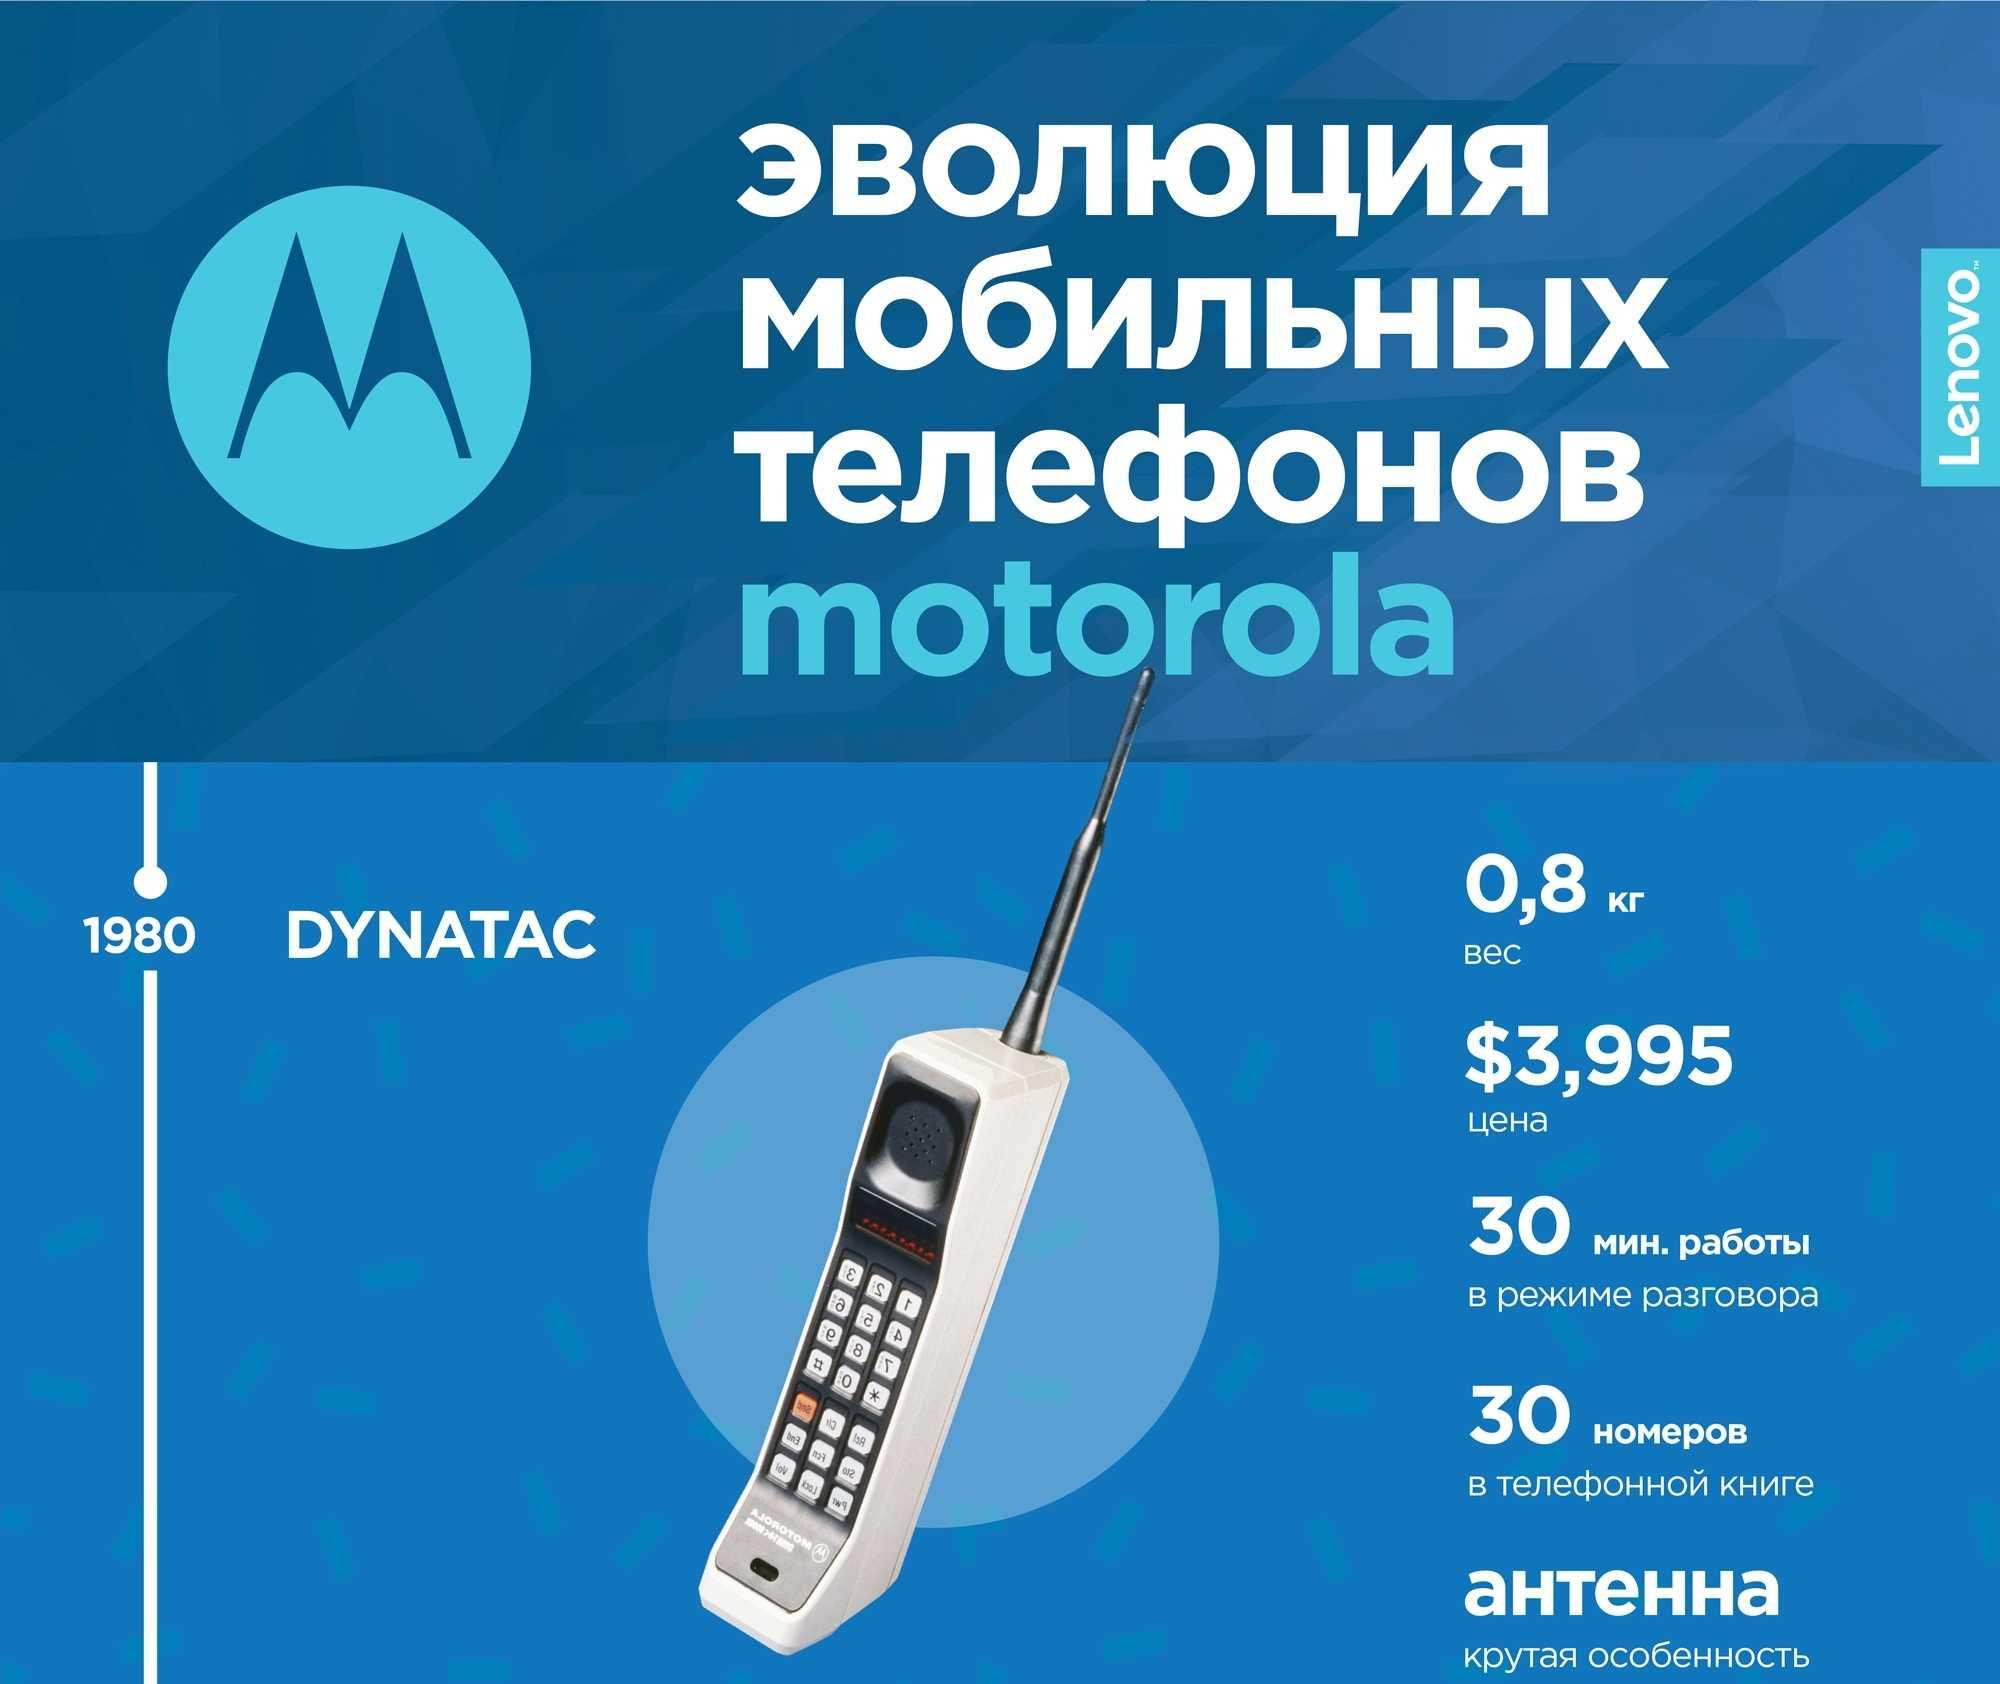 Смартфоны motorola вернутся в россию в ближайшие дни